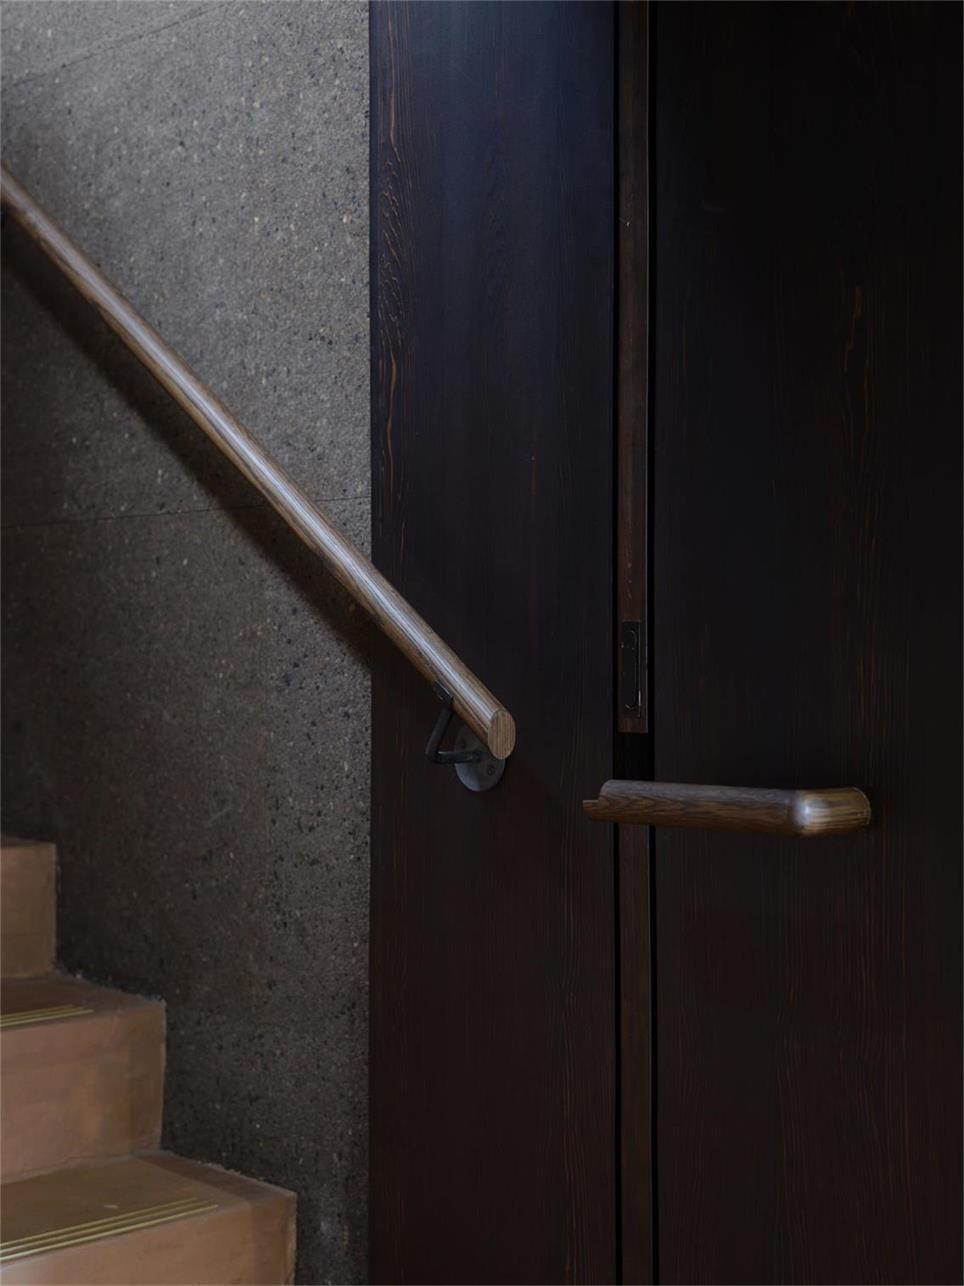 酒吧楼梯扶手设计和门拉手设计的结合